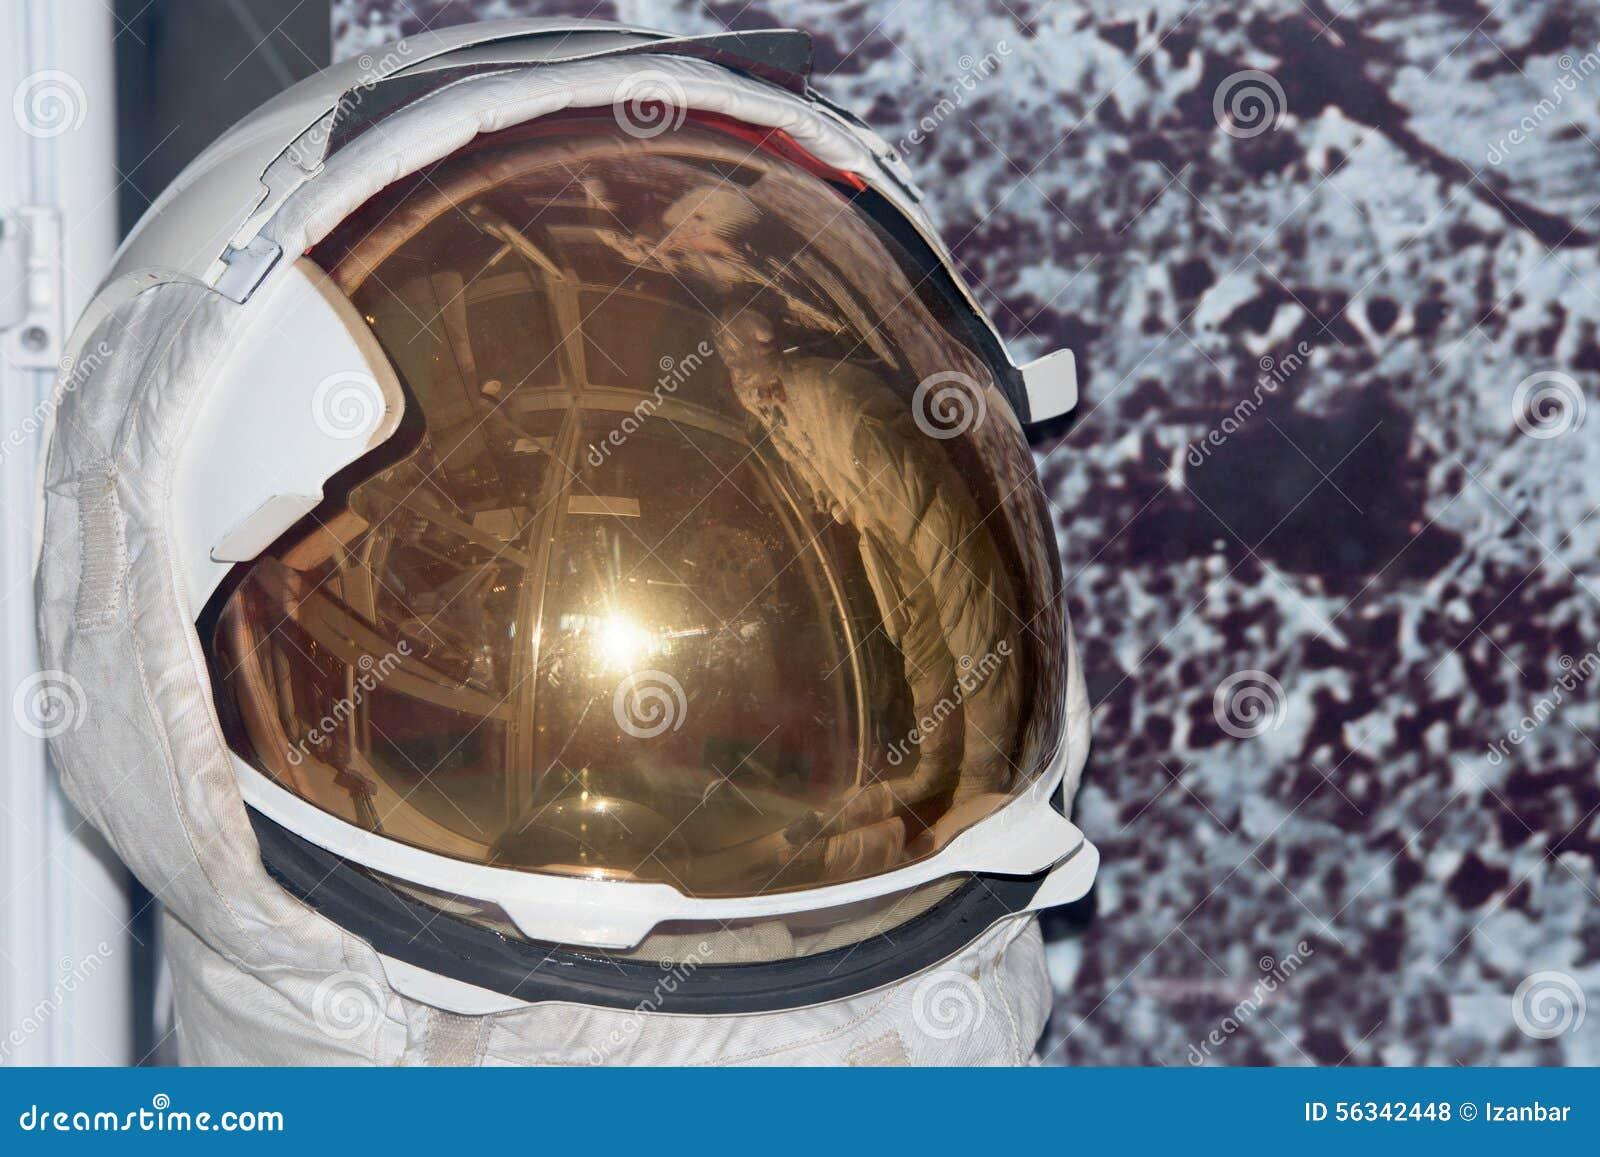 Astronaut Space Suit Helmet Detail Stock Photo - Image ...